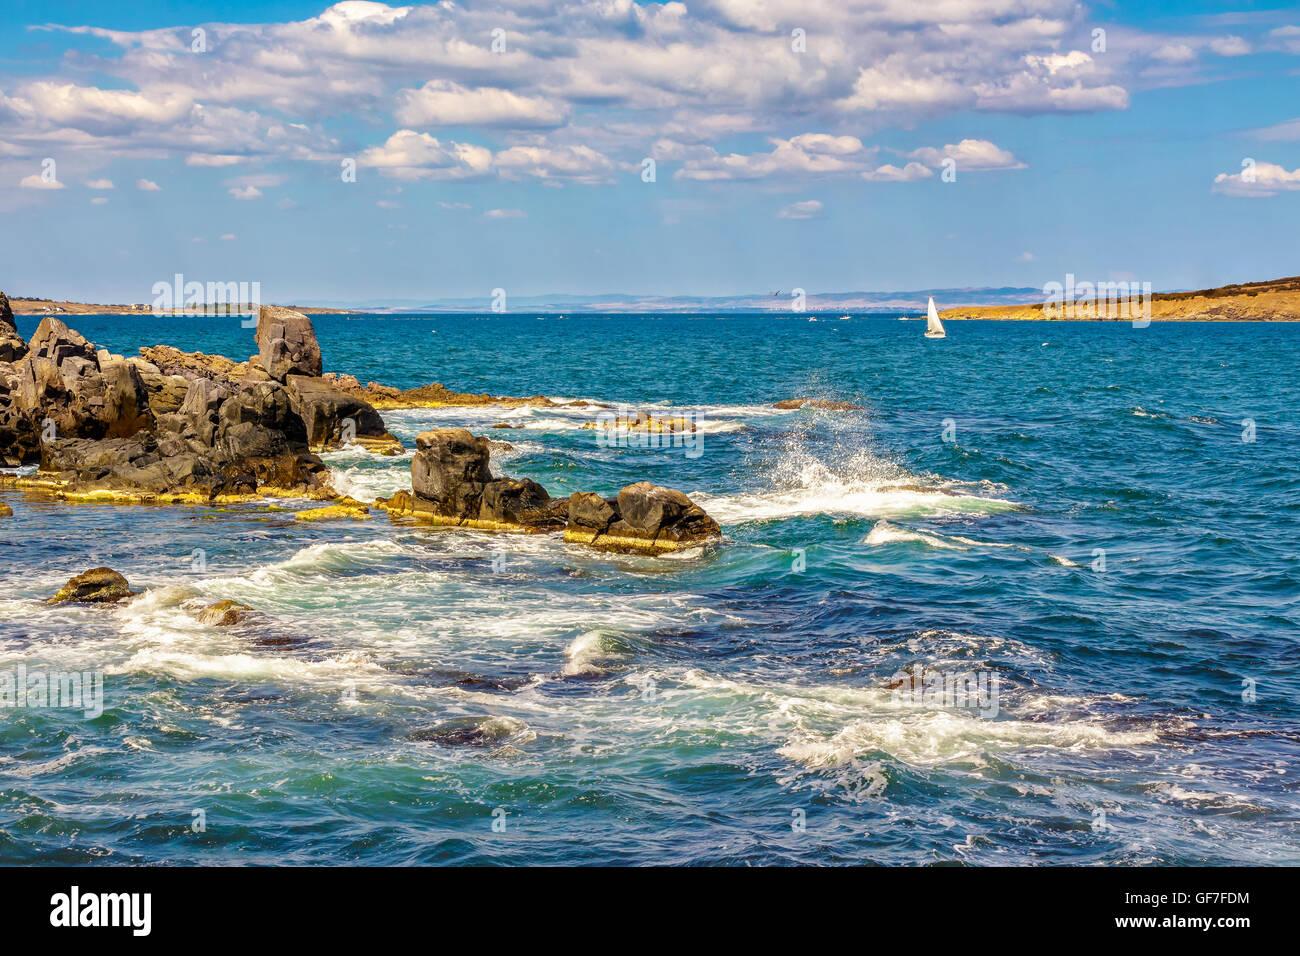 Pequeña embarcación navega a distancia en el mar. Las olas rompen en las enormes rocas en la orilla rocosa en el otro lado del Seascape Foto de stock